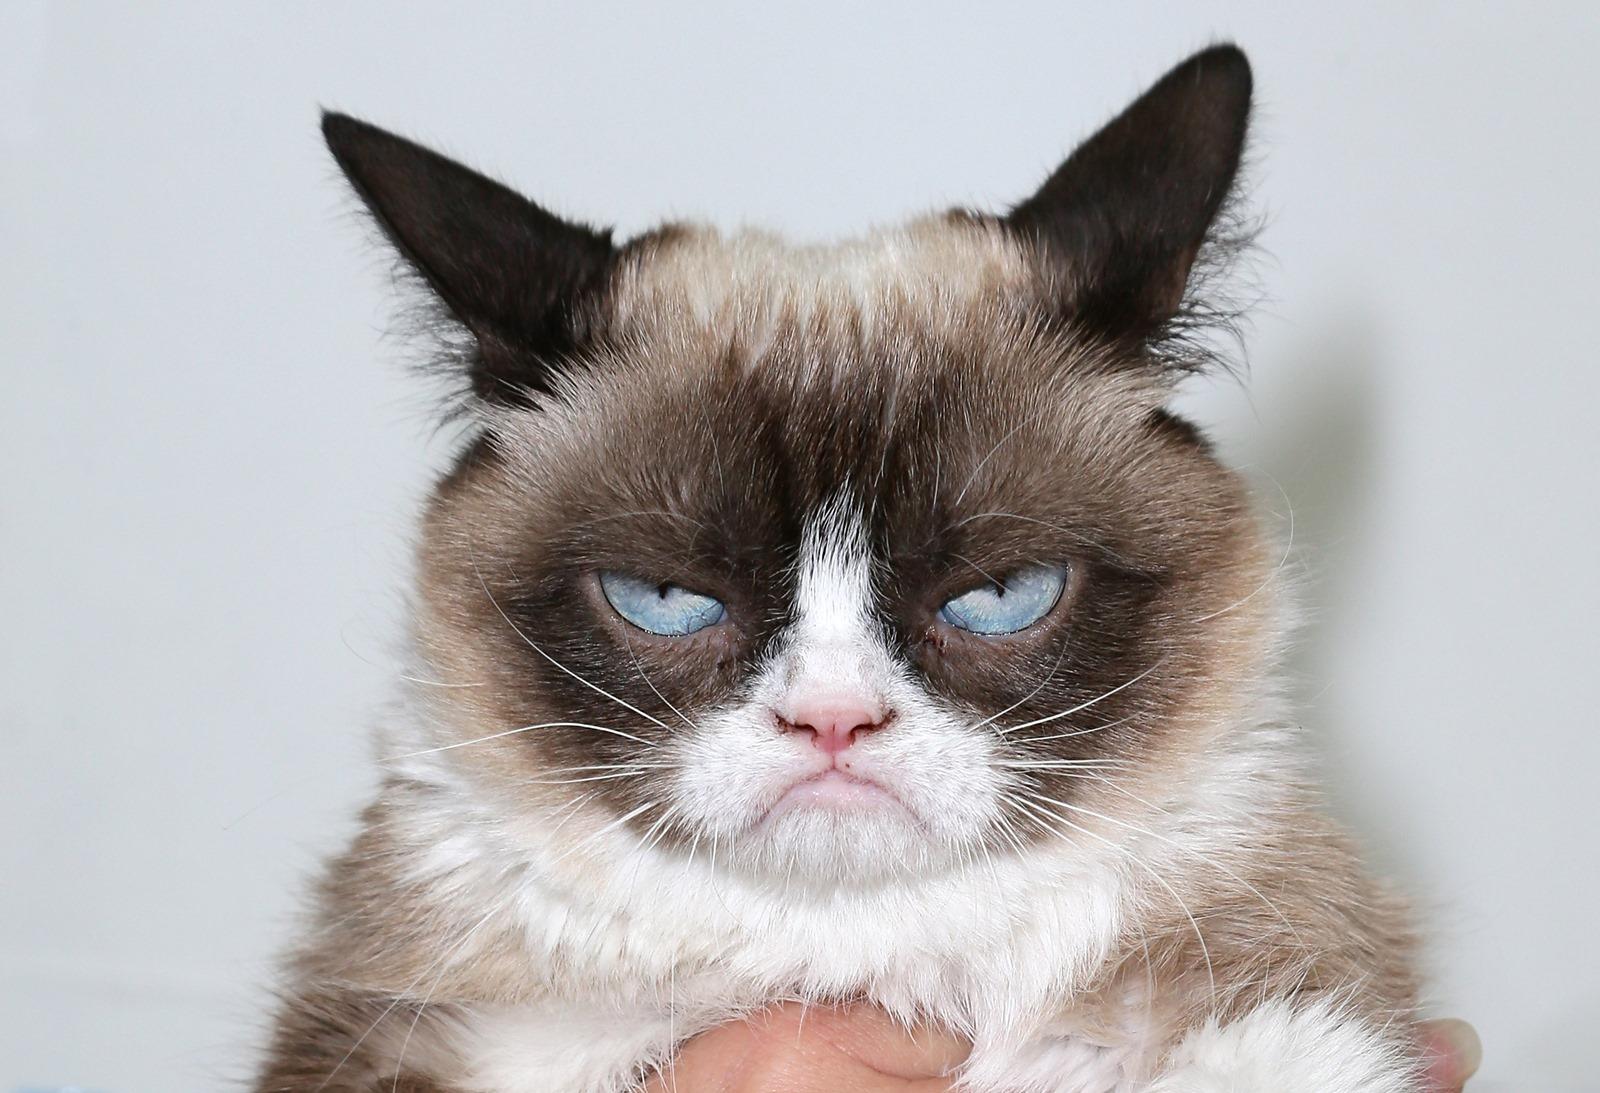 Les 25 signes qui pourraient révéler que votre chat est dans la douleur